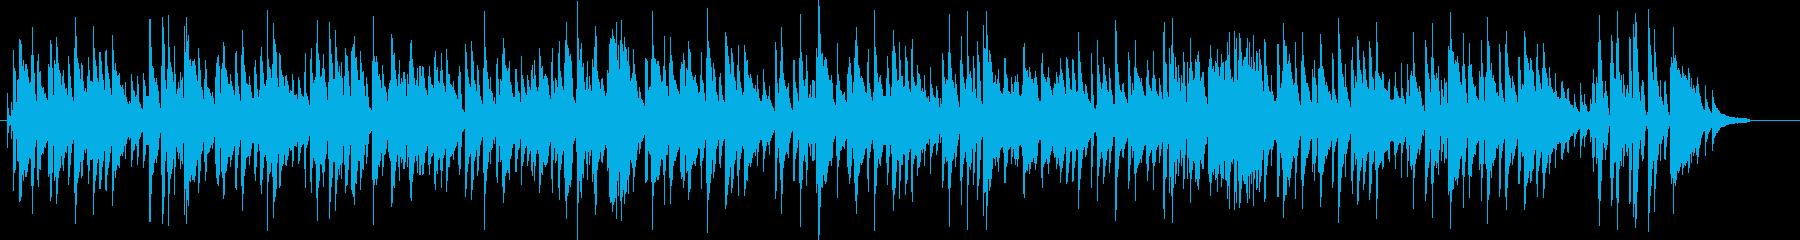 ハッピーバースデー JAZZピアノトリオの再生済みの波形